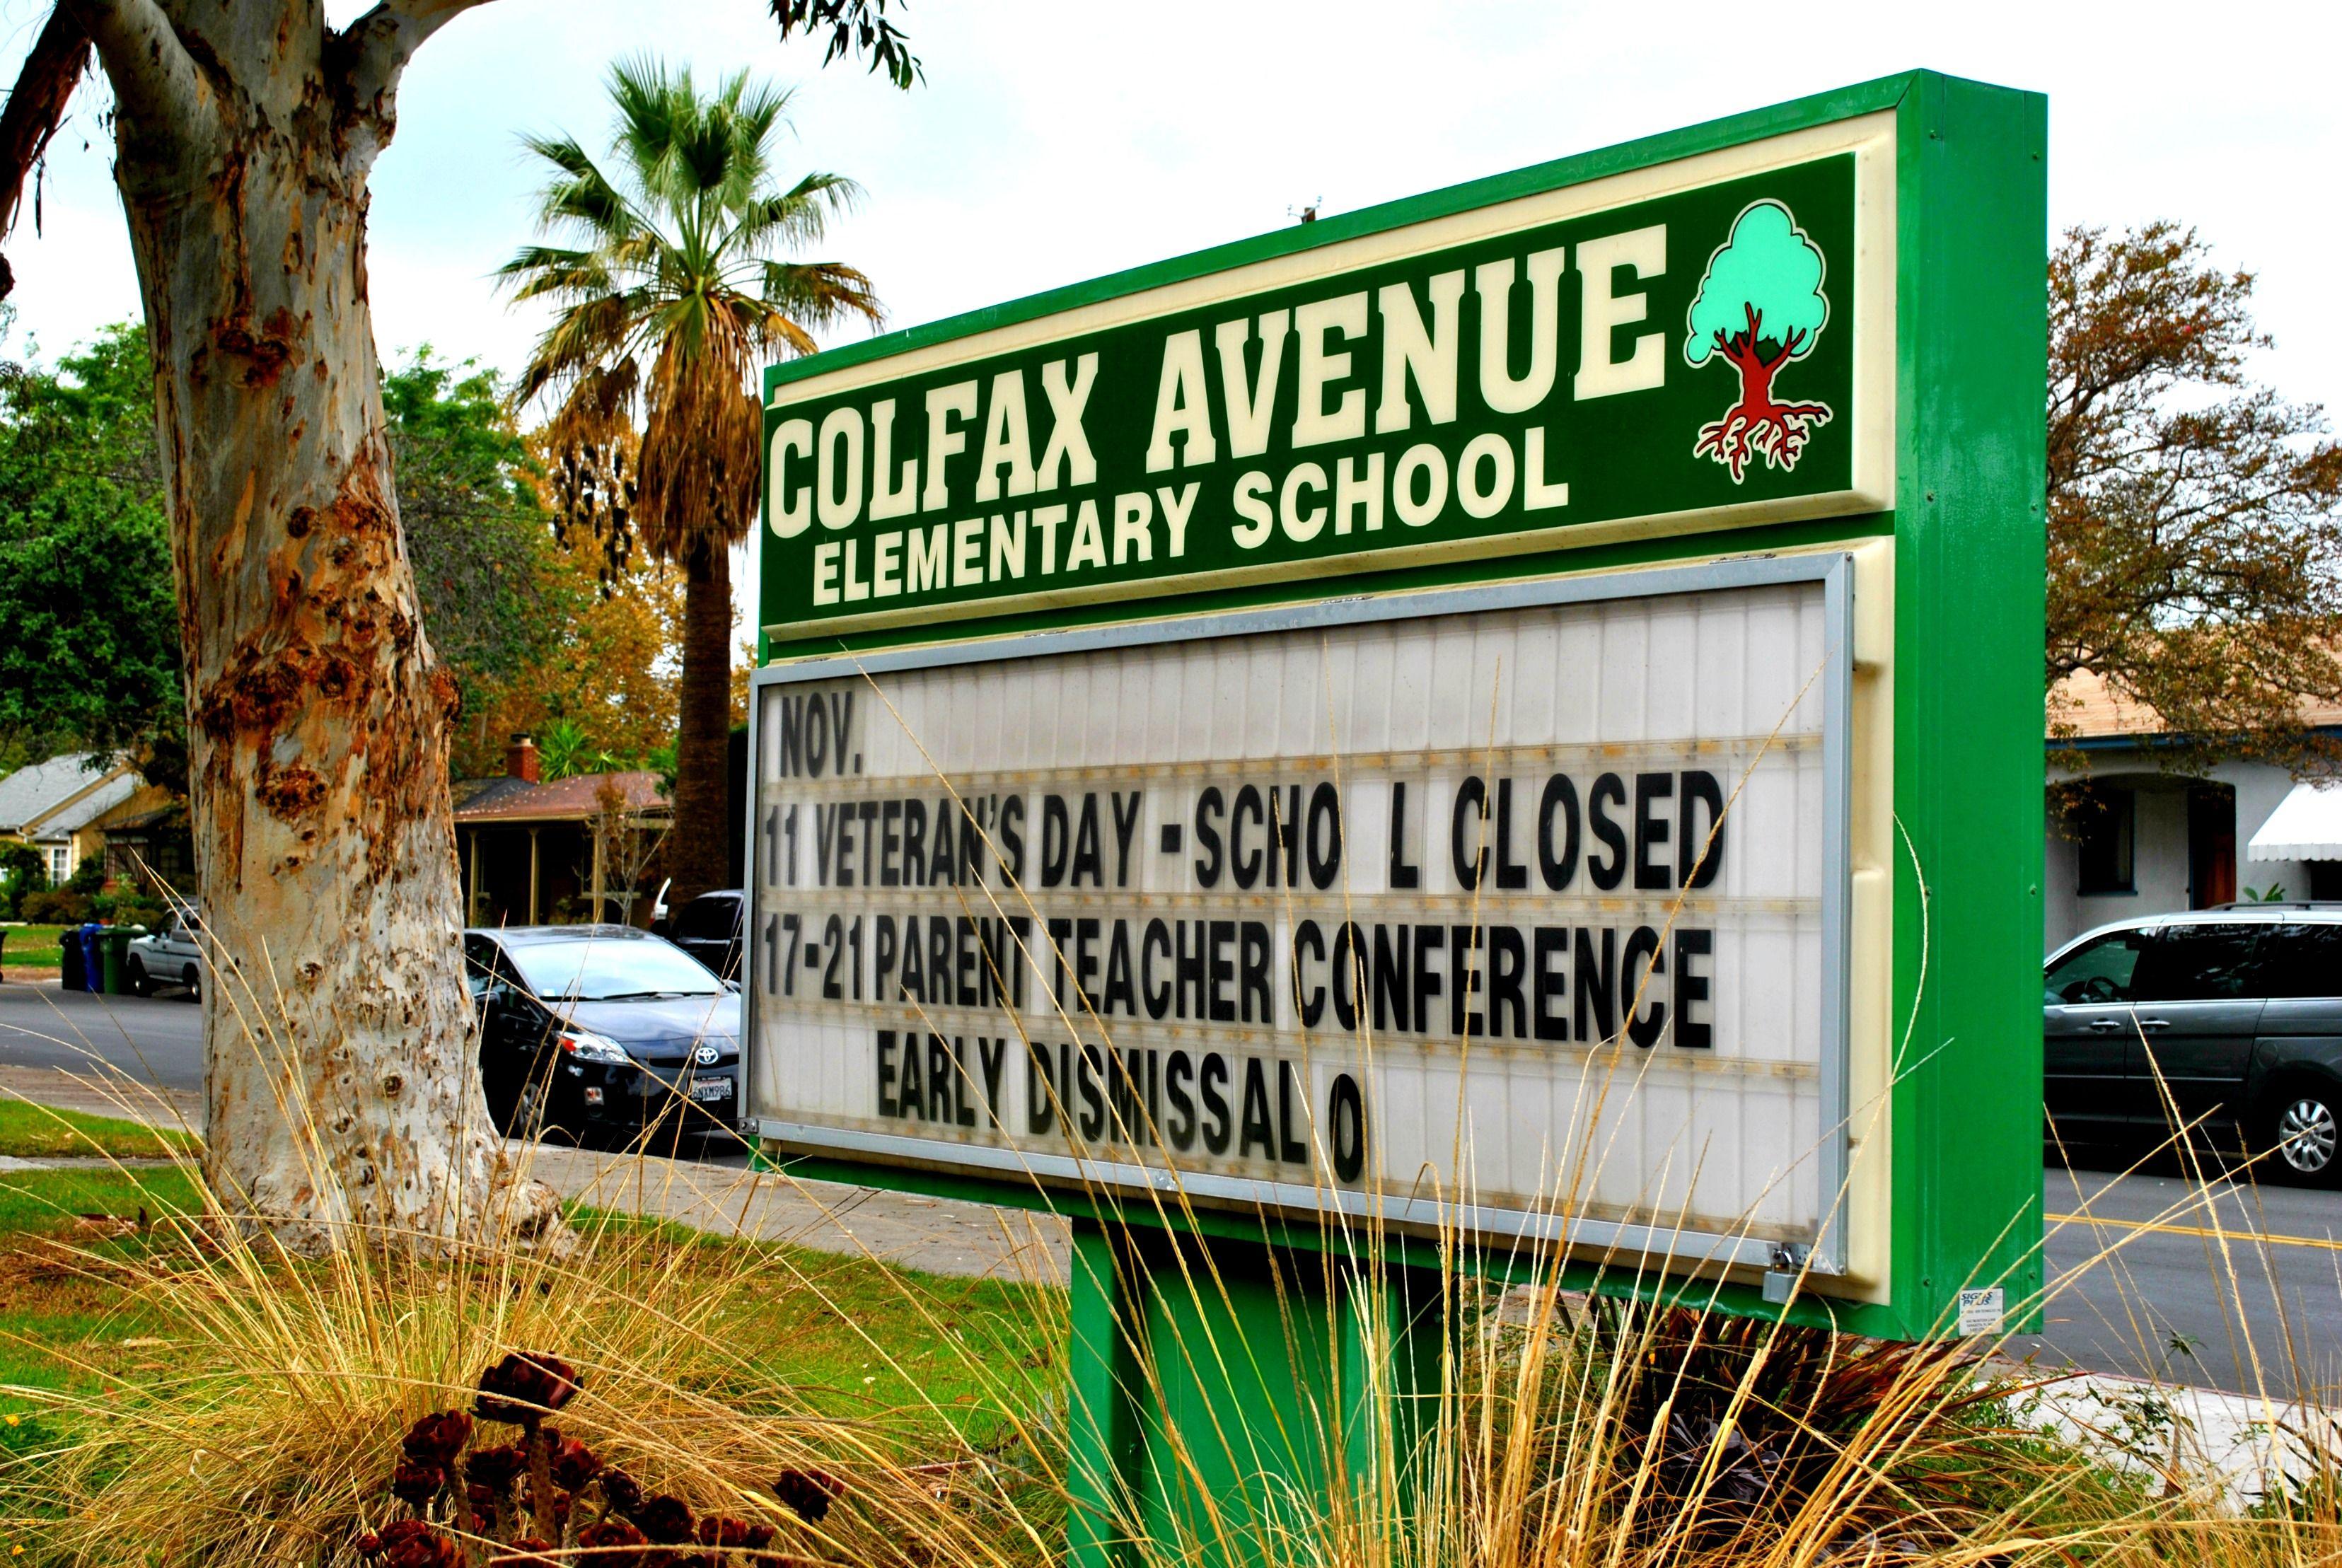 Colfax Elementary Valley village, Colfax, Elementary schools